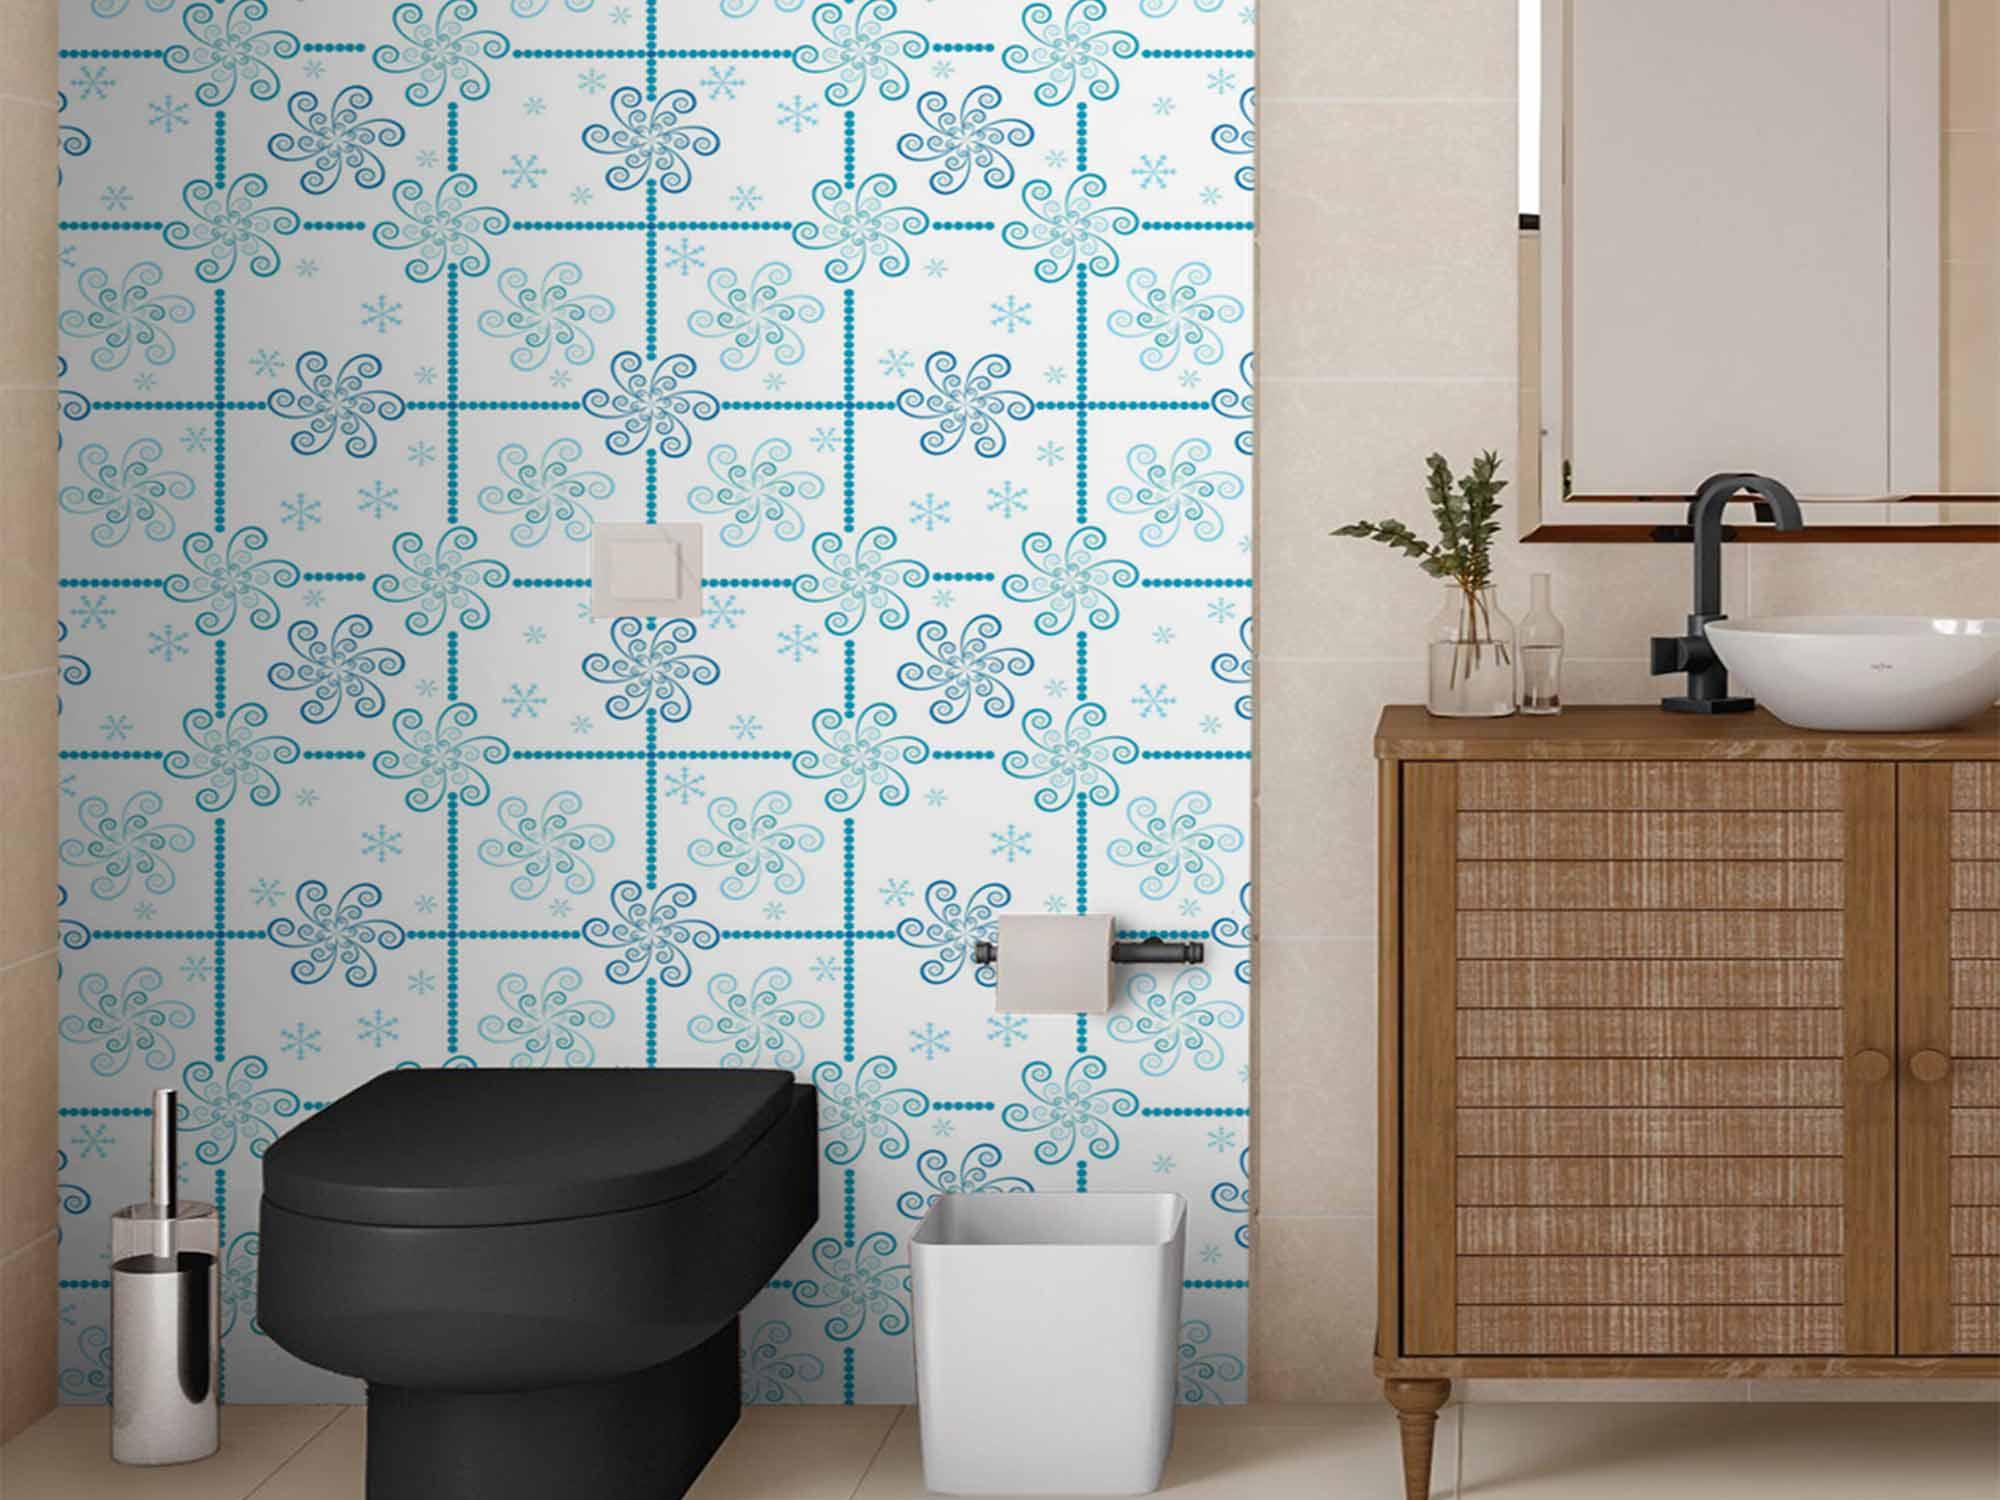 Papel de Parede para Cozinha Azulejos 0004 - Adesivos de Parede  - Paredes Decoradas